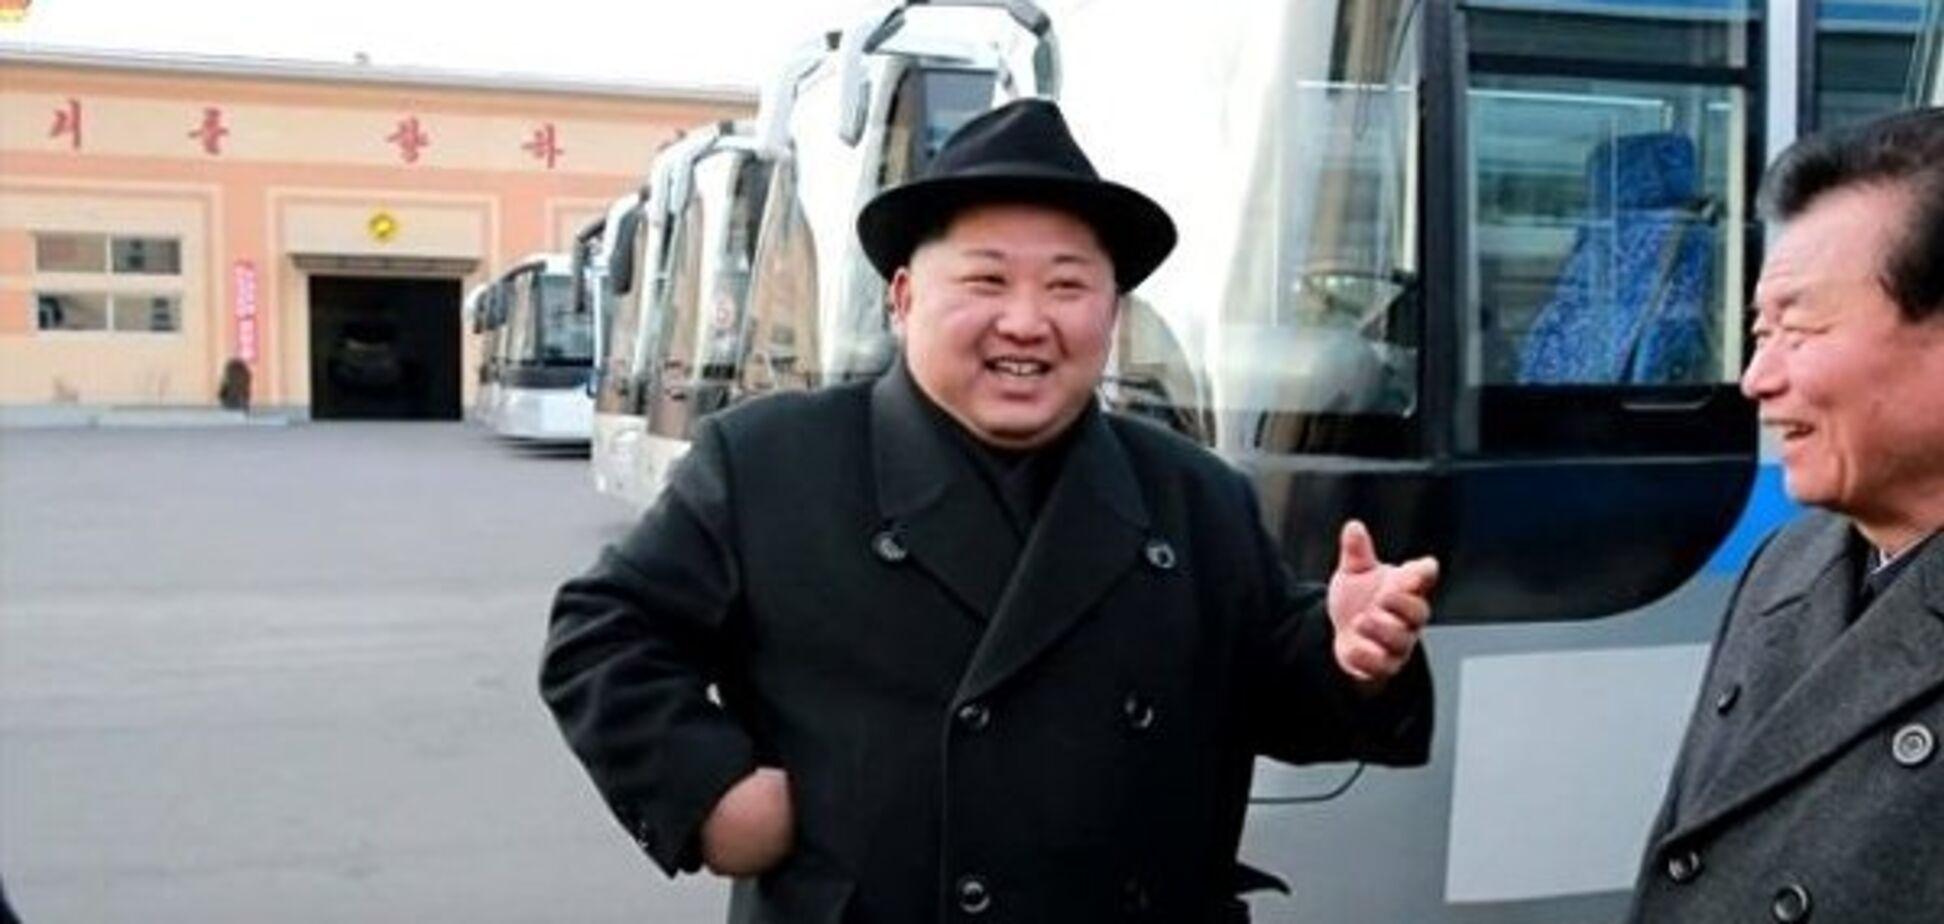 Прибыл бронепоезд: в Китае пролили свет на тайный визит Ким Чен Ына